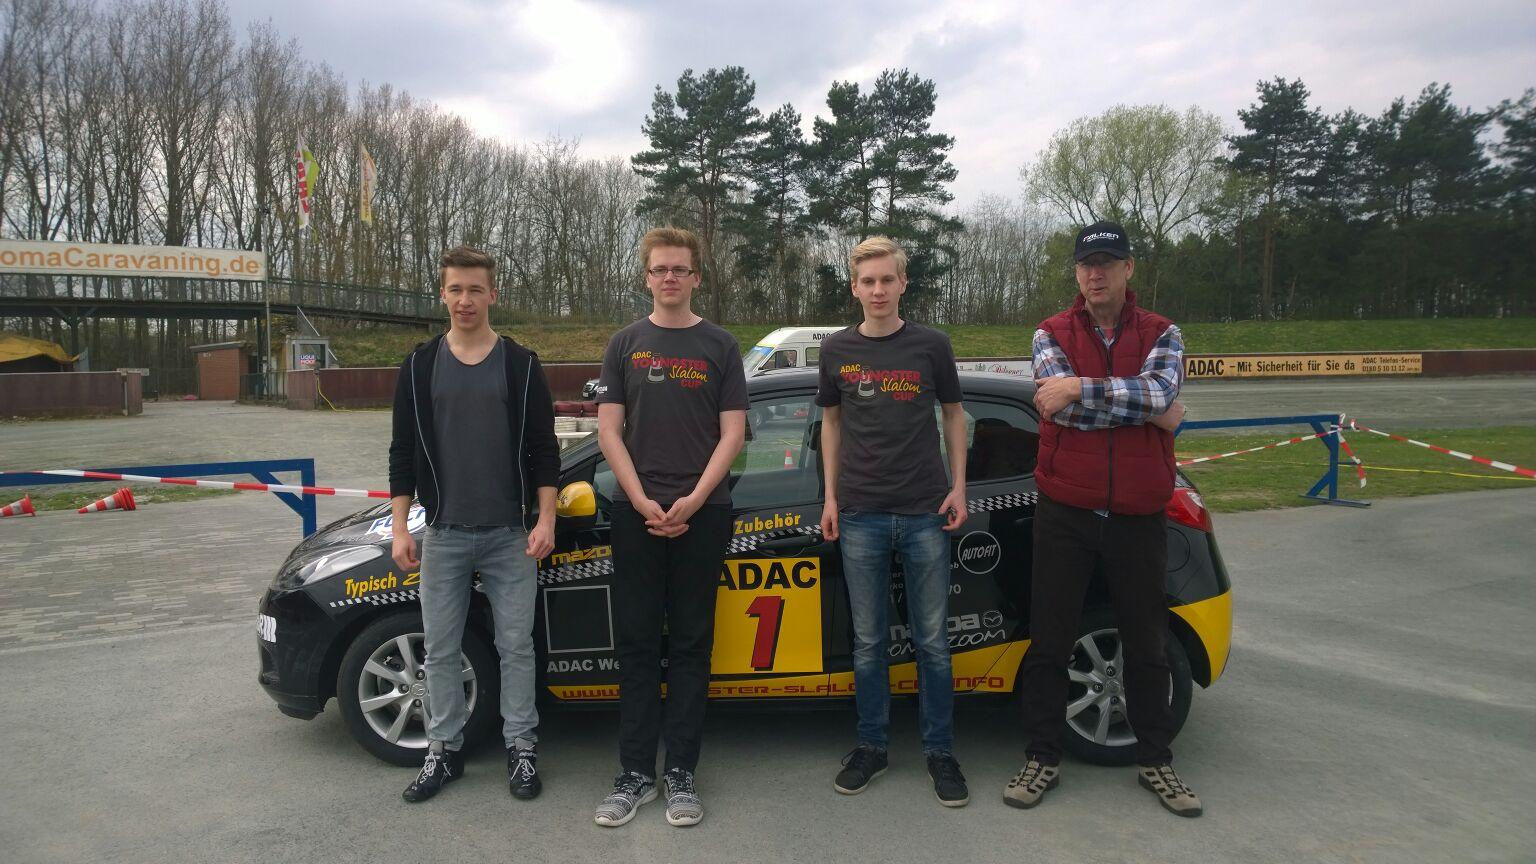 Jeremias Halbe (Young Driver), Nico Verbücheln (Junioren), Jan-Niklas Schmidt (Einsteiger) und Trainer Bruno Hetzel